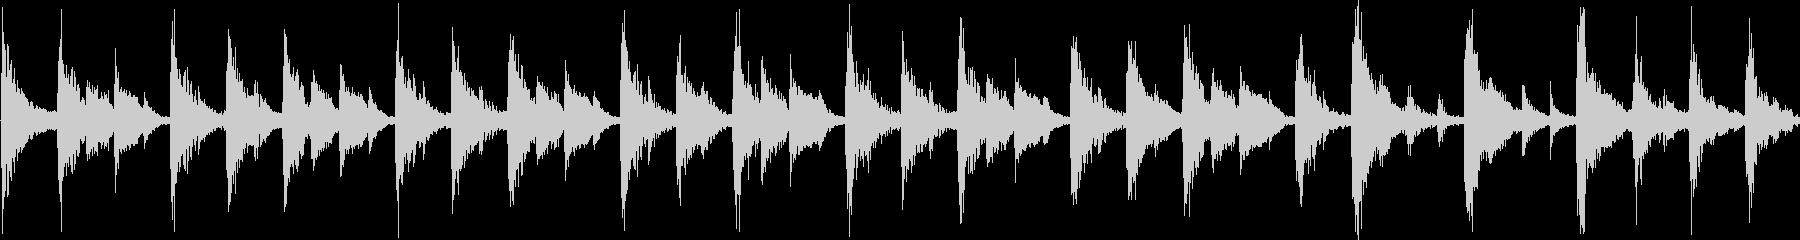 軽快なリズムのコミカルなジングル_ループの未再生の波形